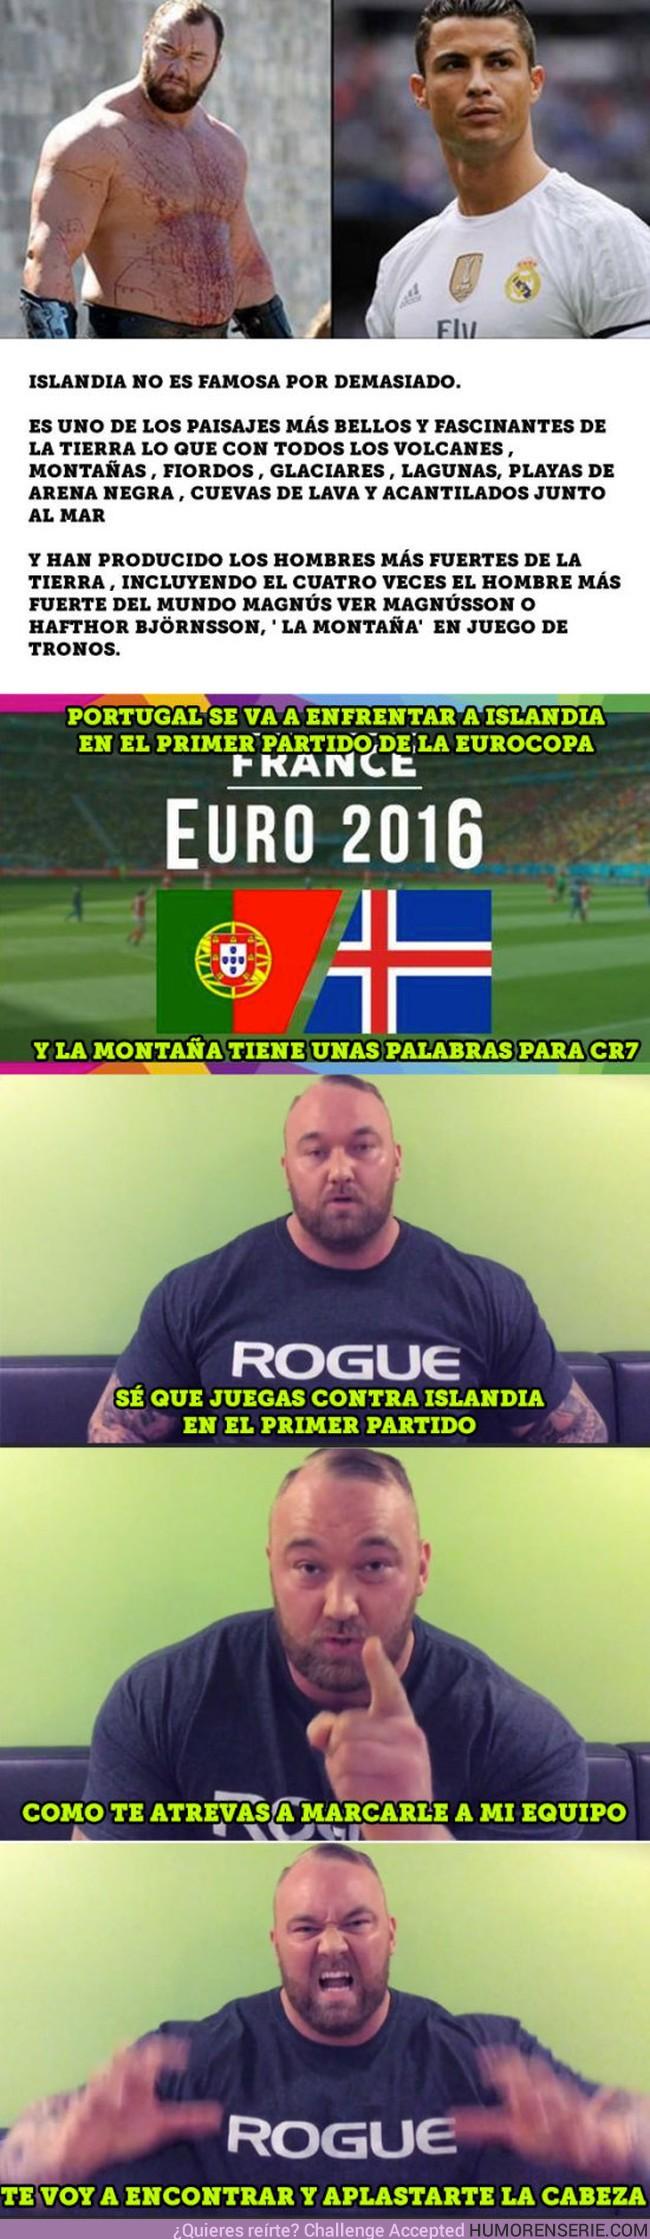 1300 - El mensaje de La Montaña a Cristiano Ronaldo